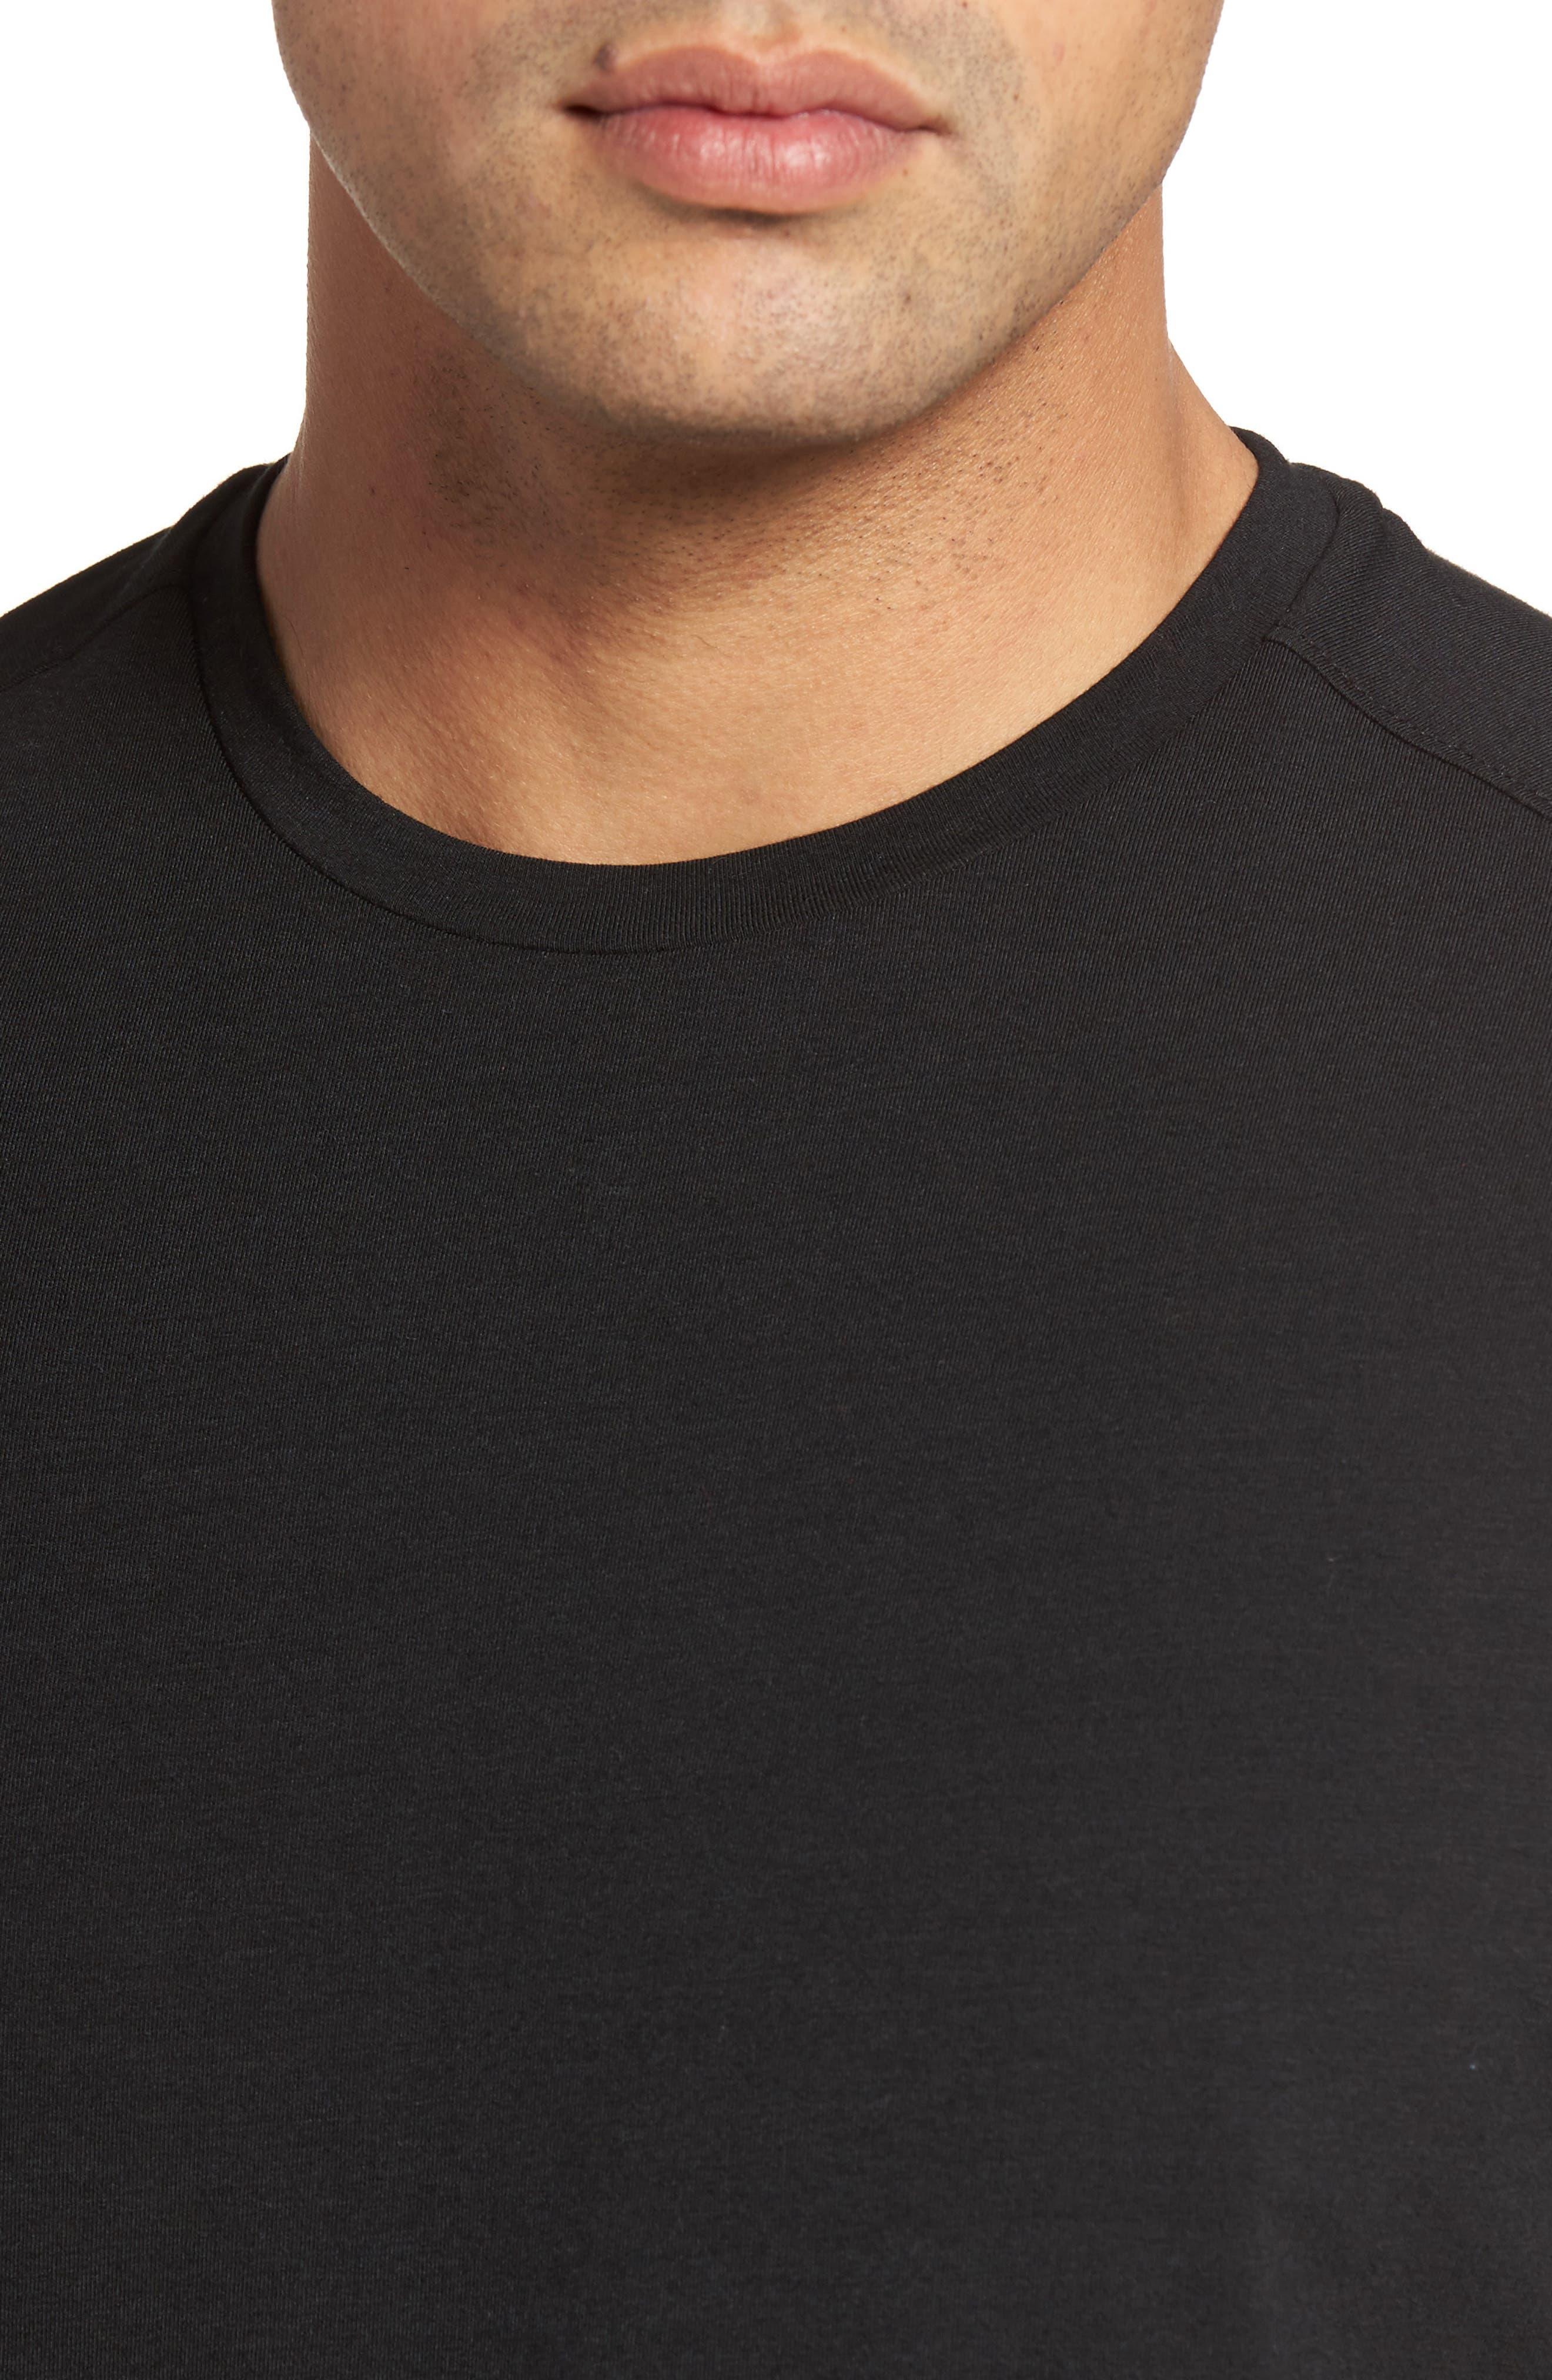 Tropicool T-Shirt,                             Alternate thumbnail 4, color,                             Black